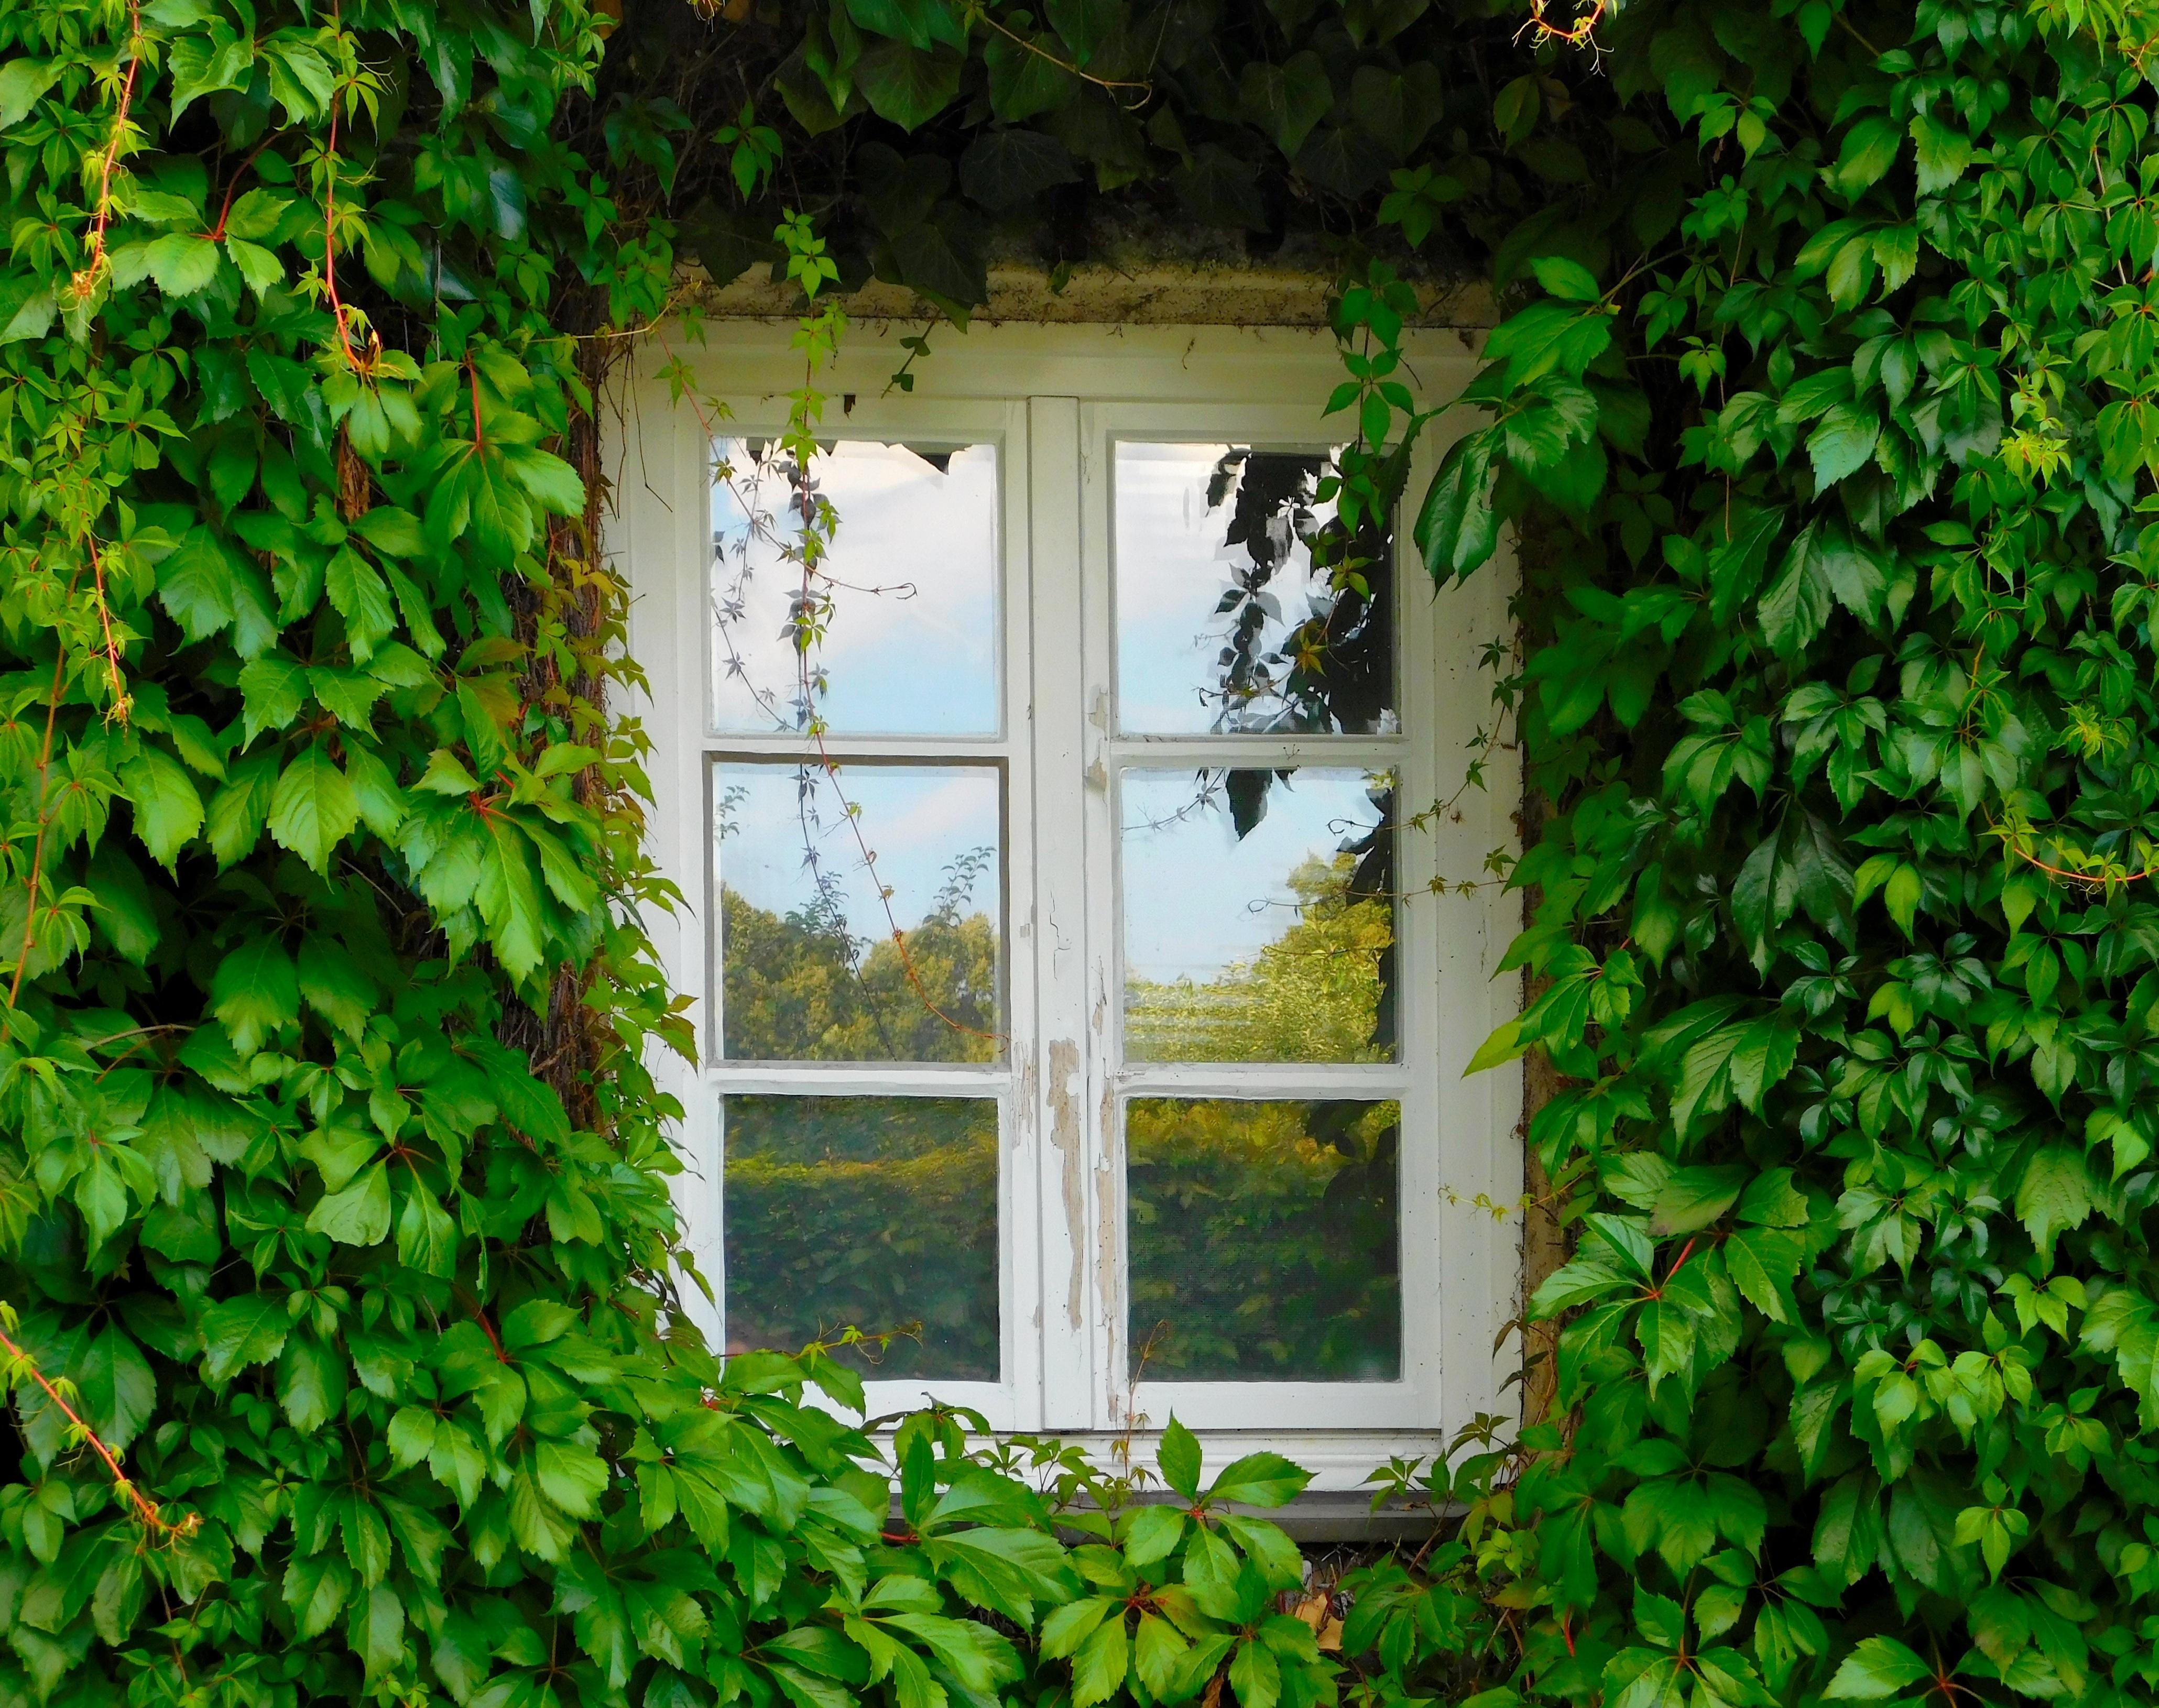 паста картинки окна с растениями удобно пользоваться при